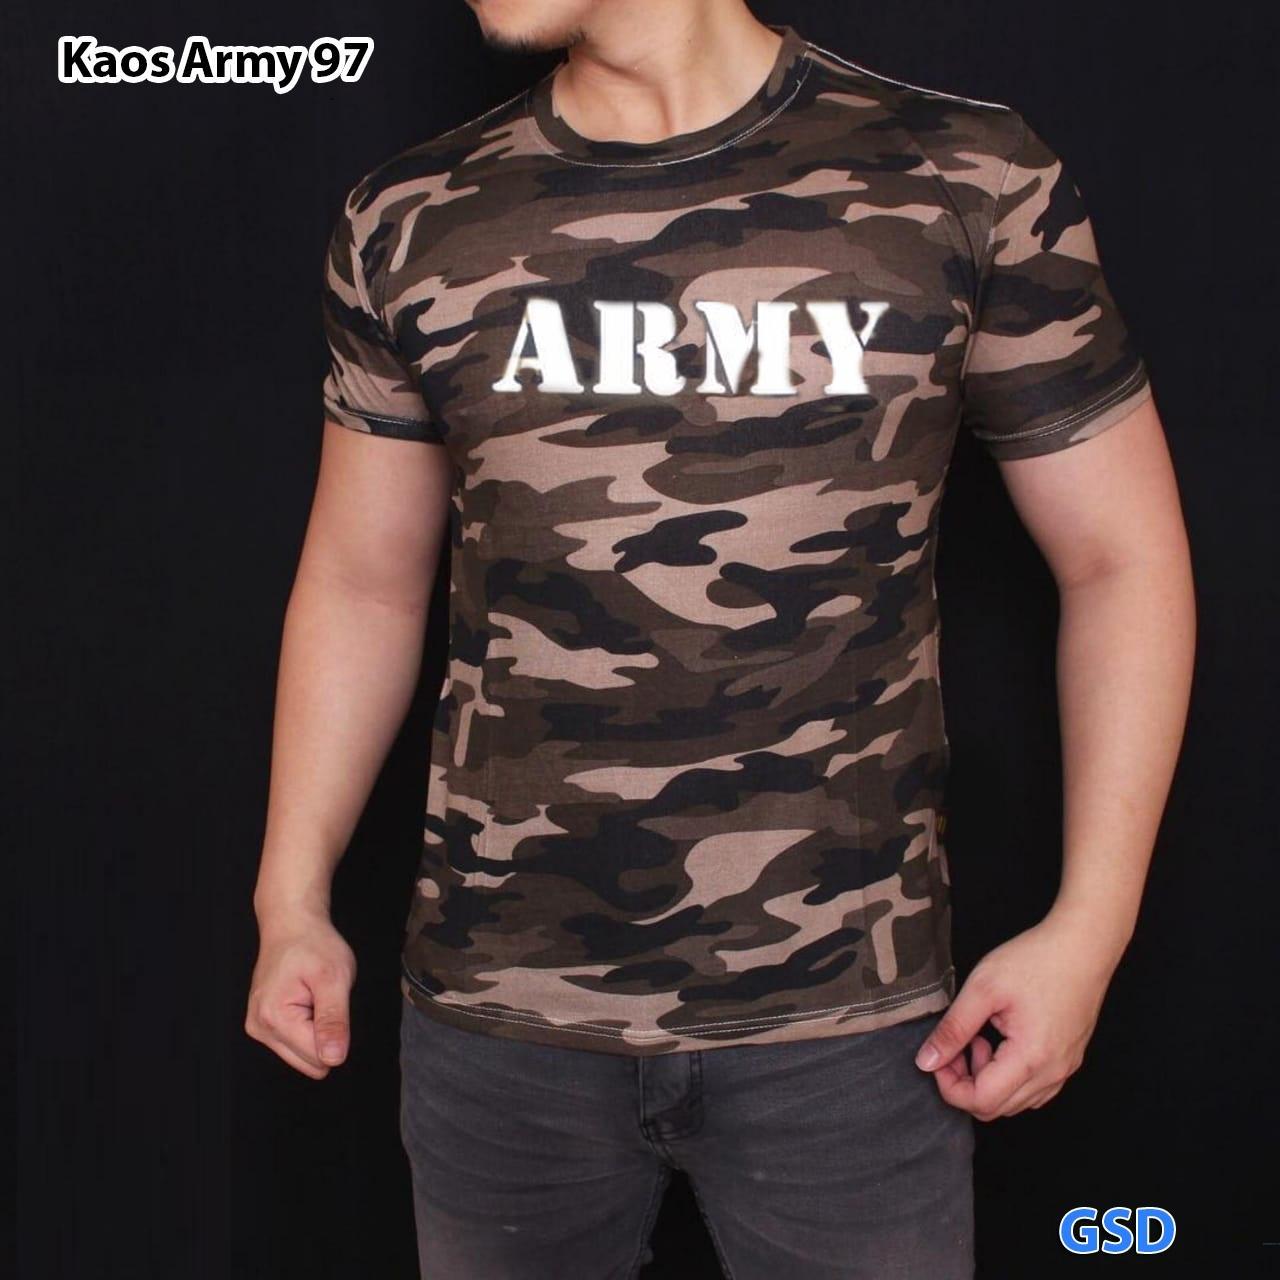 Kaos shirt pria / kaos lengan pendek / kaos santai pria / kaos kasual / kaos army terbaru / shirt trendi / kaos loreng / Kaos Army 97Rp53.300